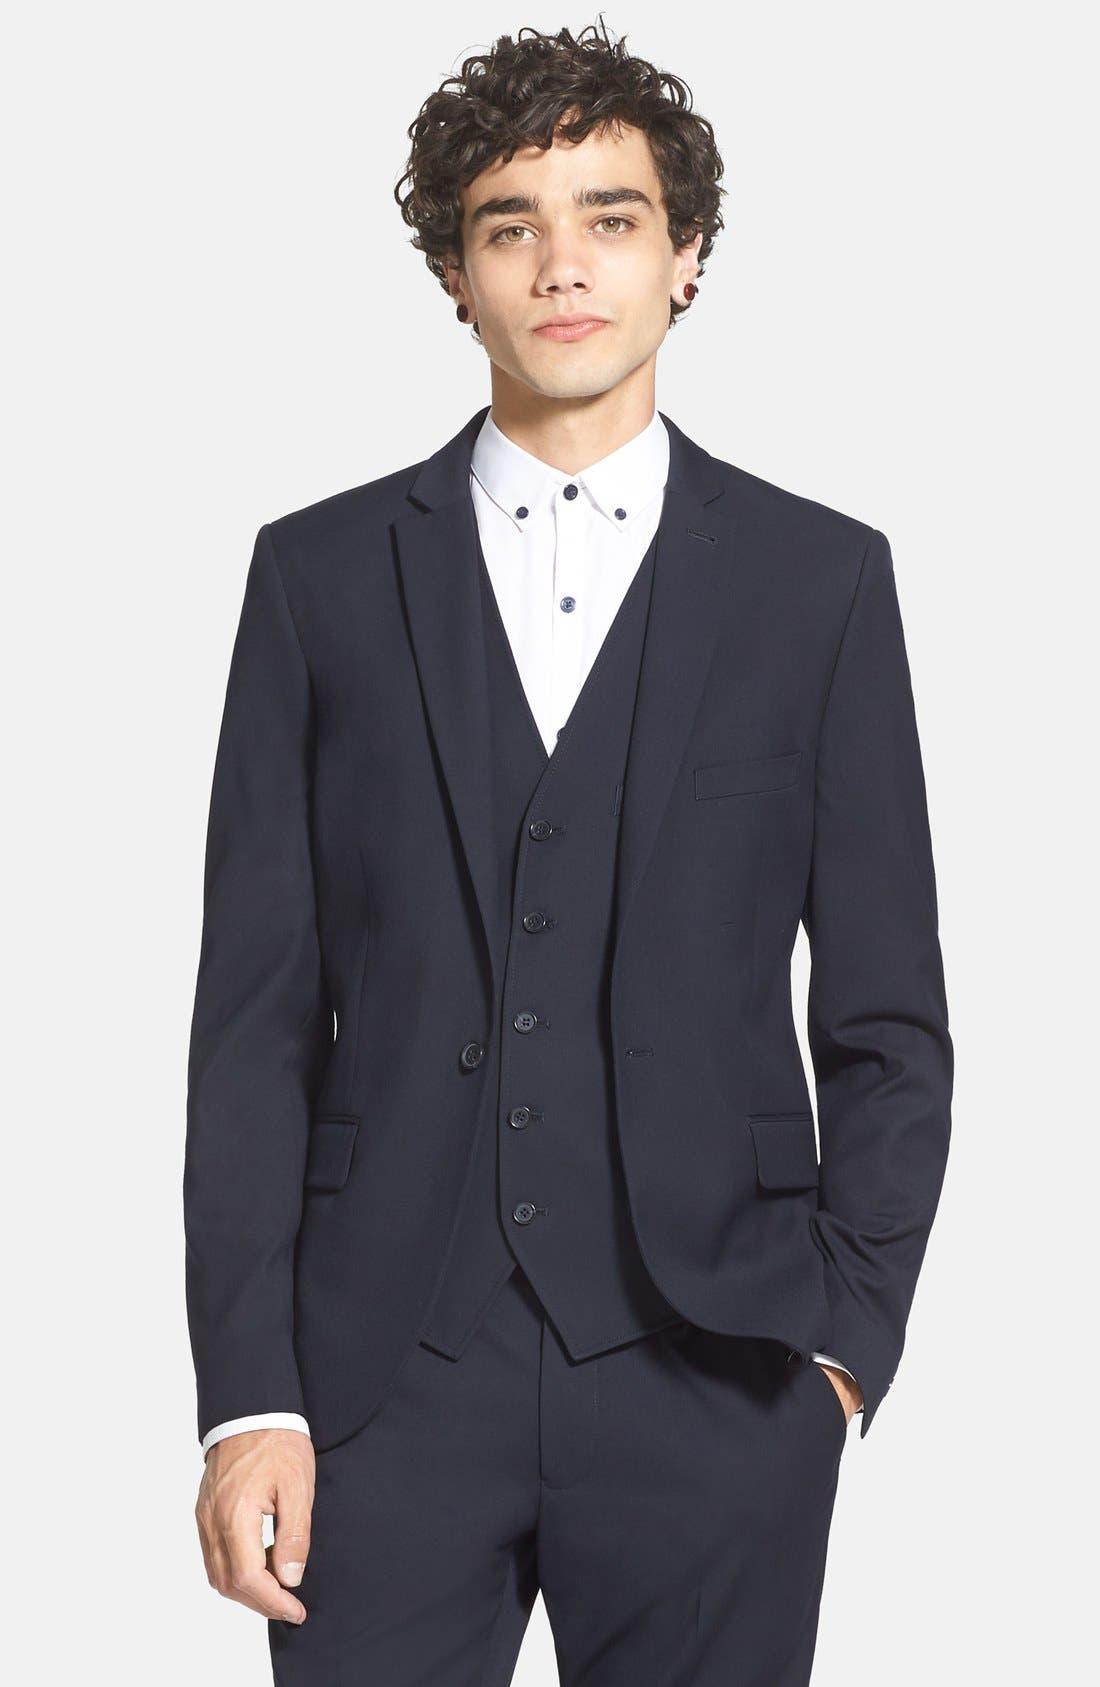 Alternate Image 1 Selected - Topman Skinny Fit Suit Jacket